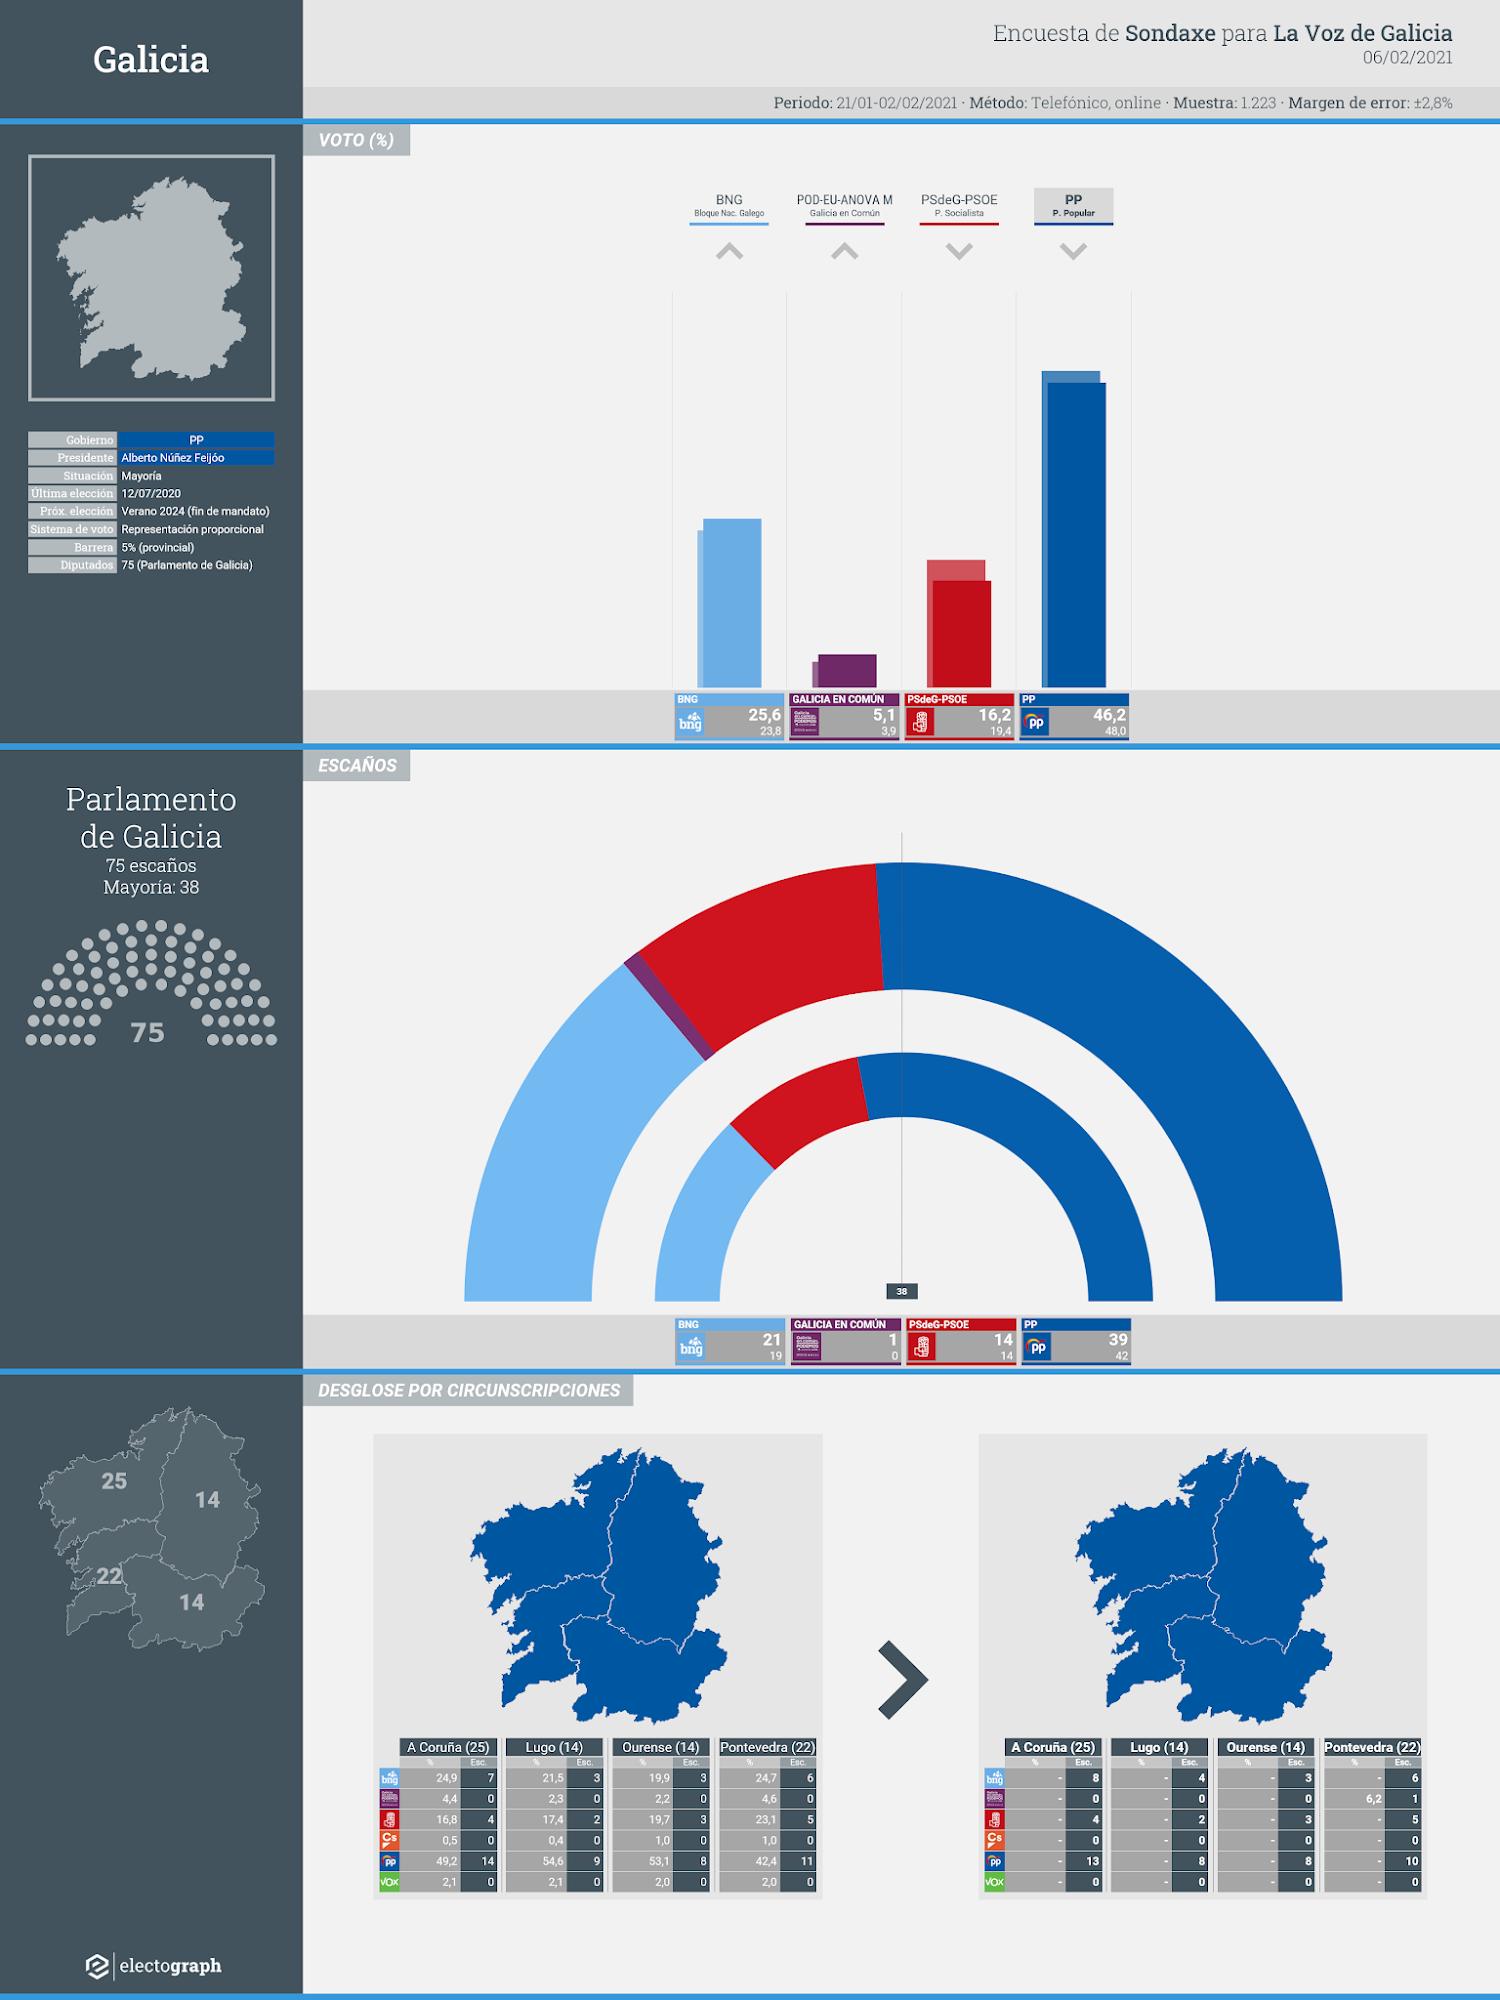 Gráfico de la encuesta para elecciones autonómicas en Galicia realizada por Sondaxe para La Voz de Galicia, 6 de febrero de 2021